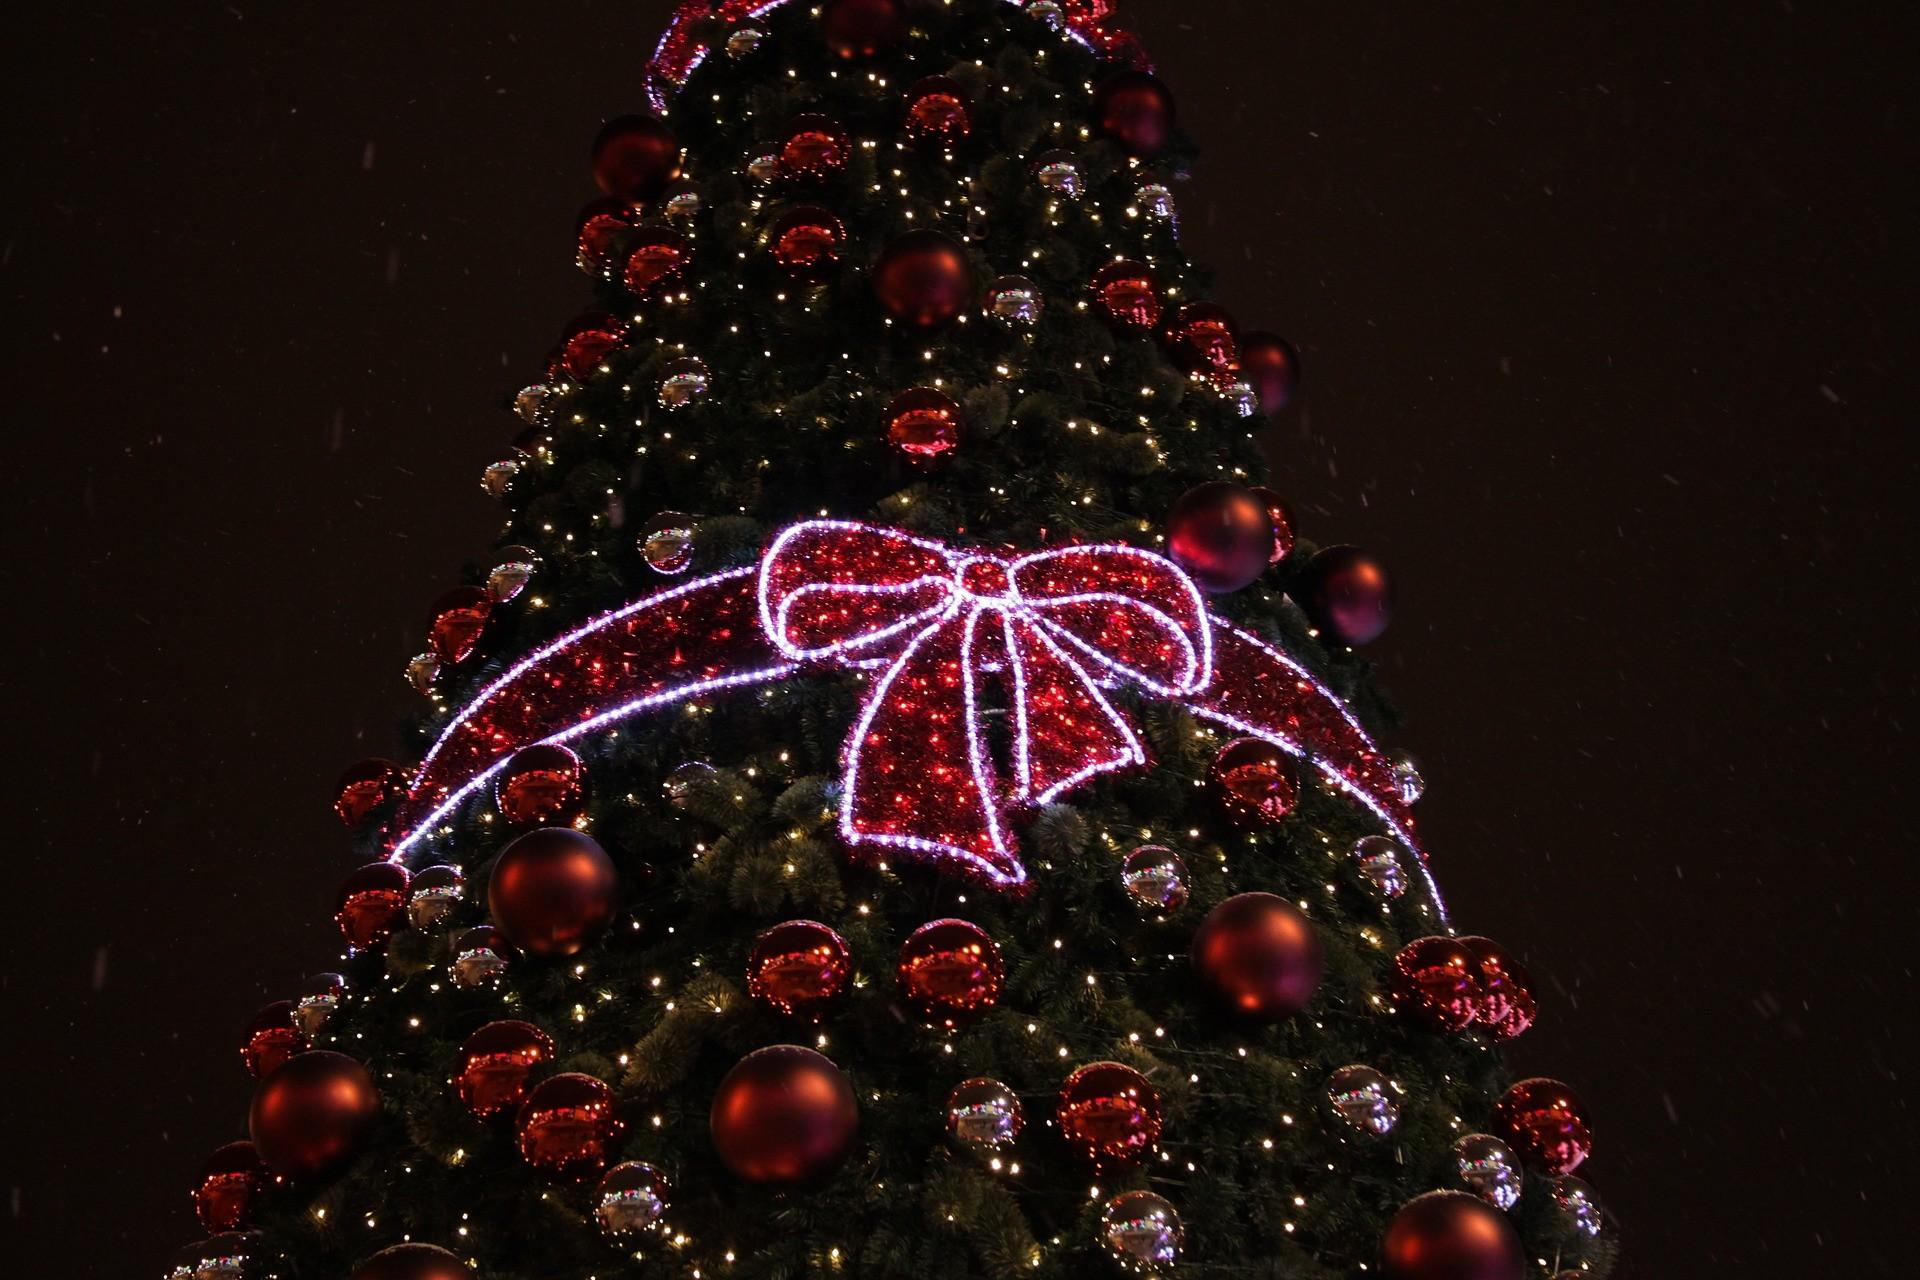 Мэр-эколог Бордо уберет елку, как «мертвое дерево».